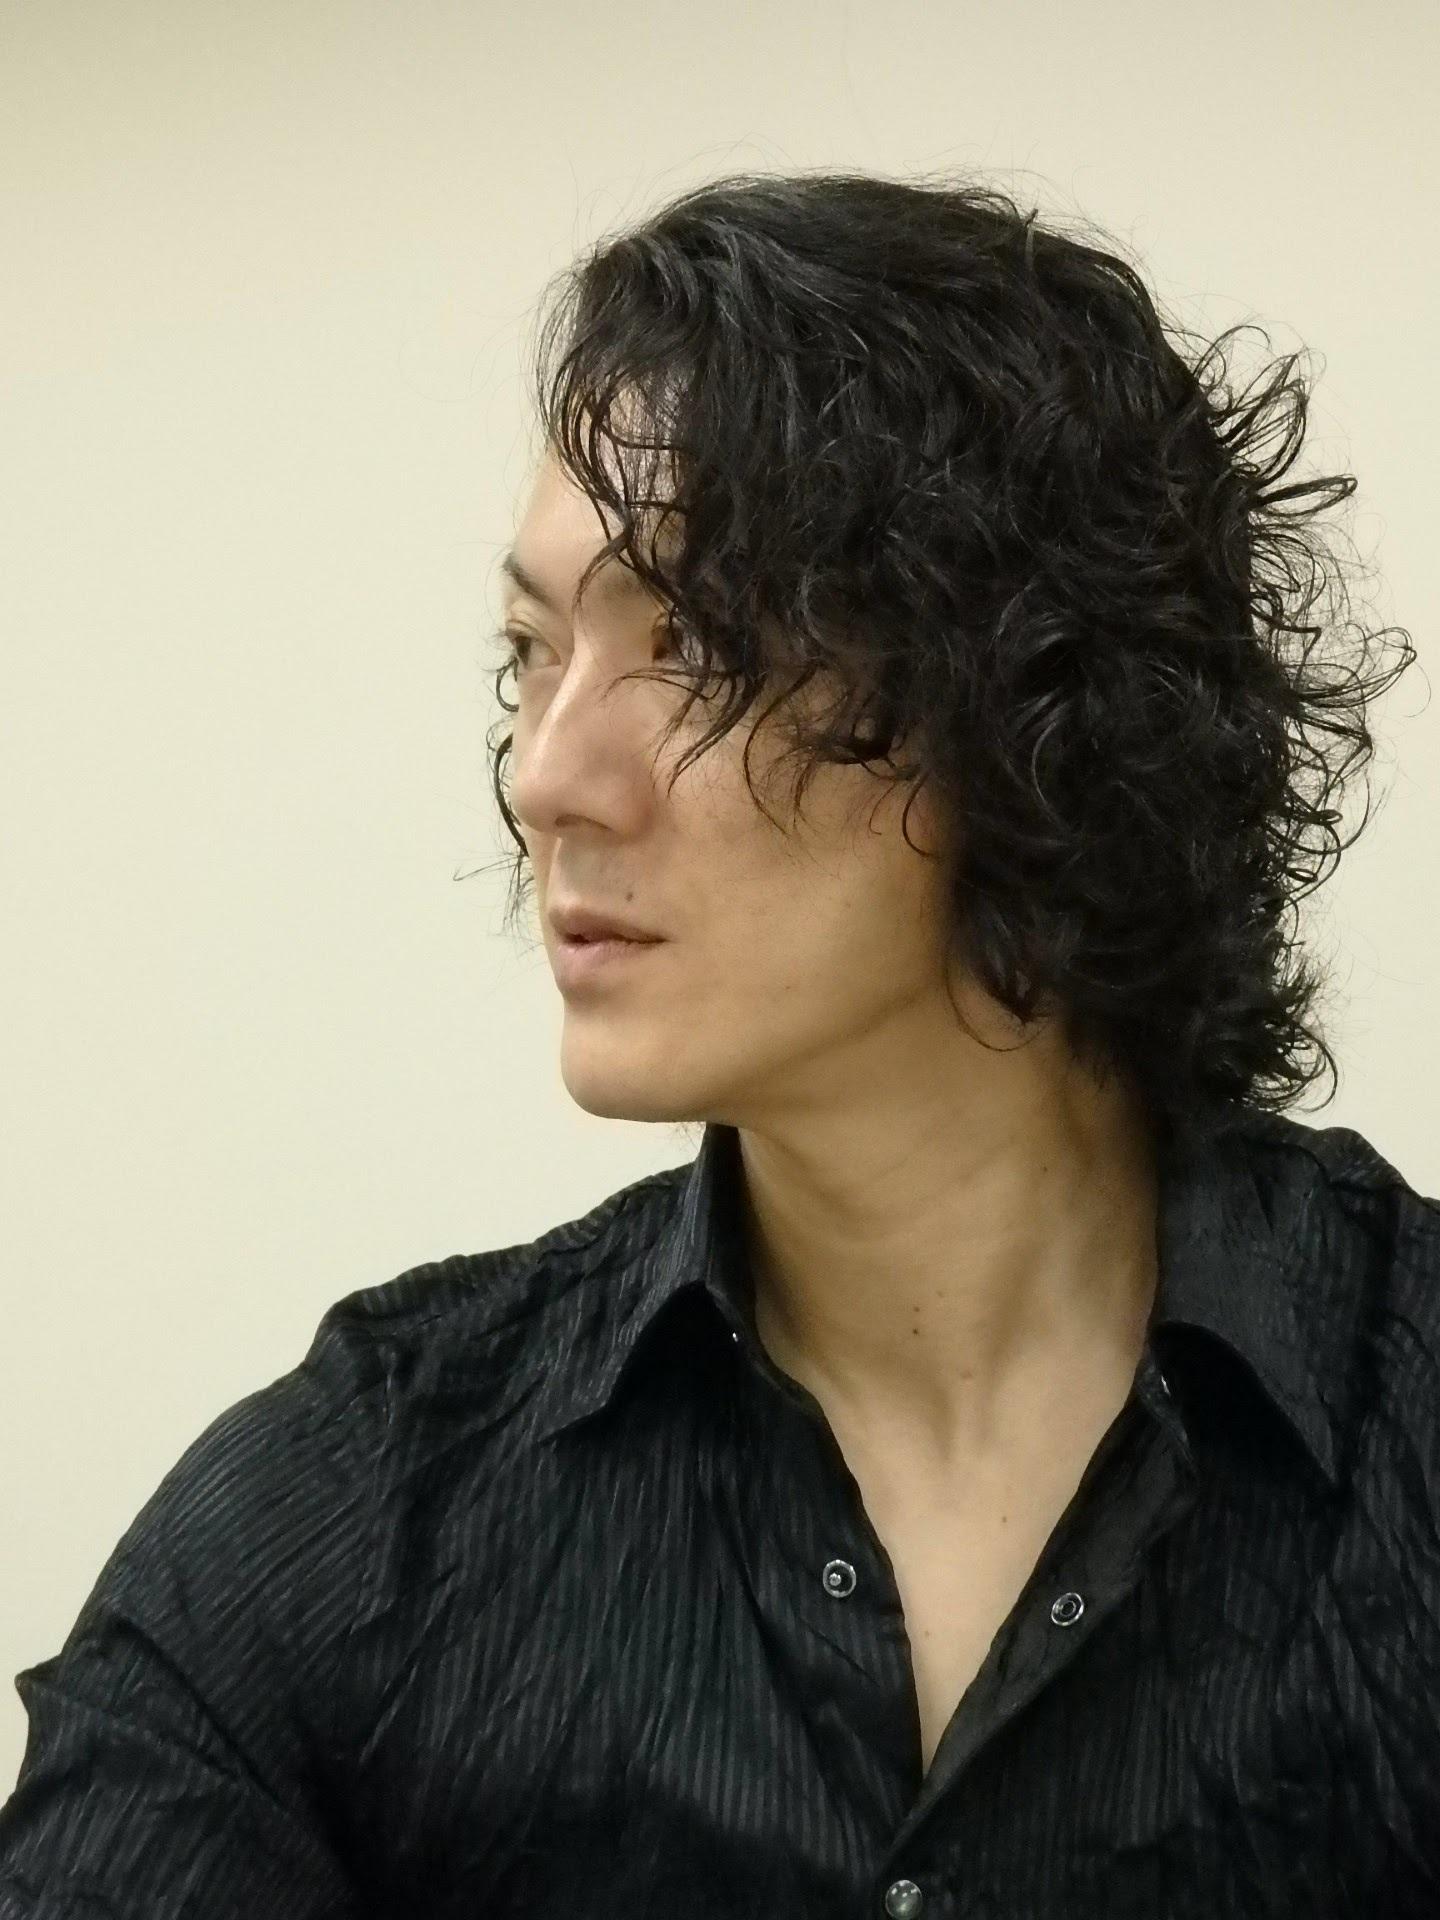 『ピーターパン』フック船長役の吉野圭吾